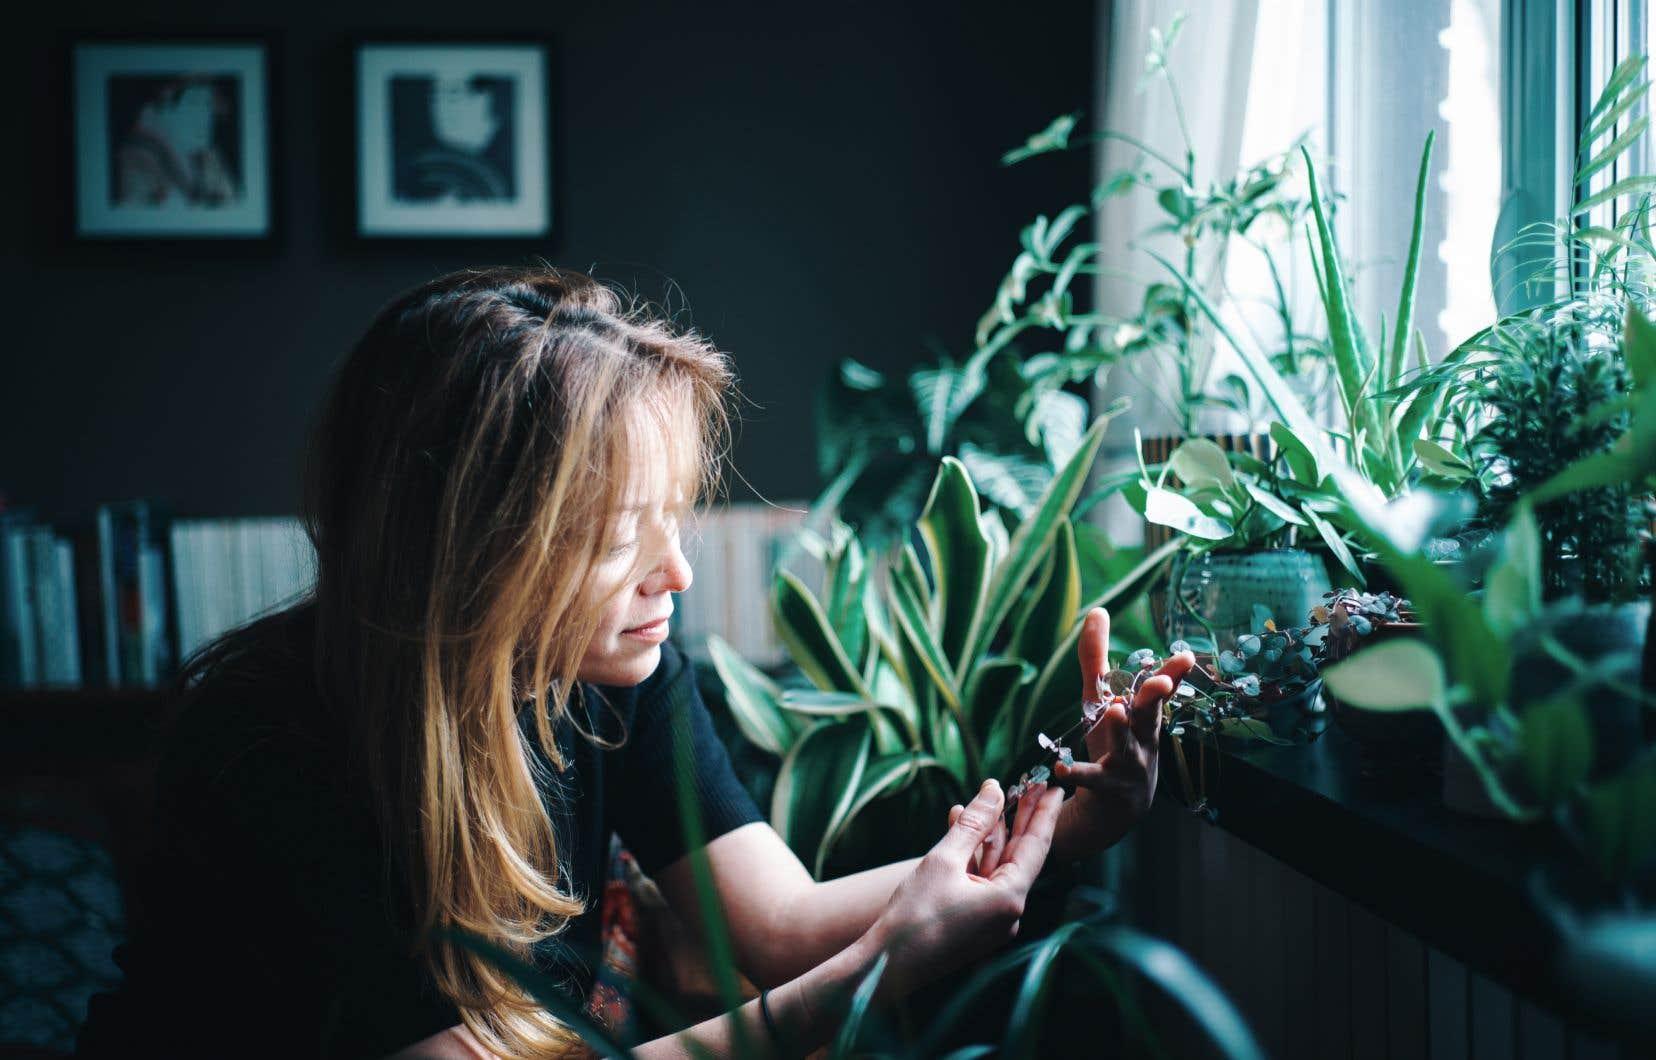 Atteinte par le virus des plantes pendant le confinement, Sophie Izmiroglu songe maintenant à devenir horticultrice.